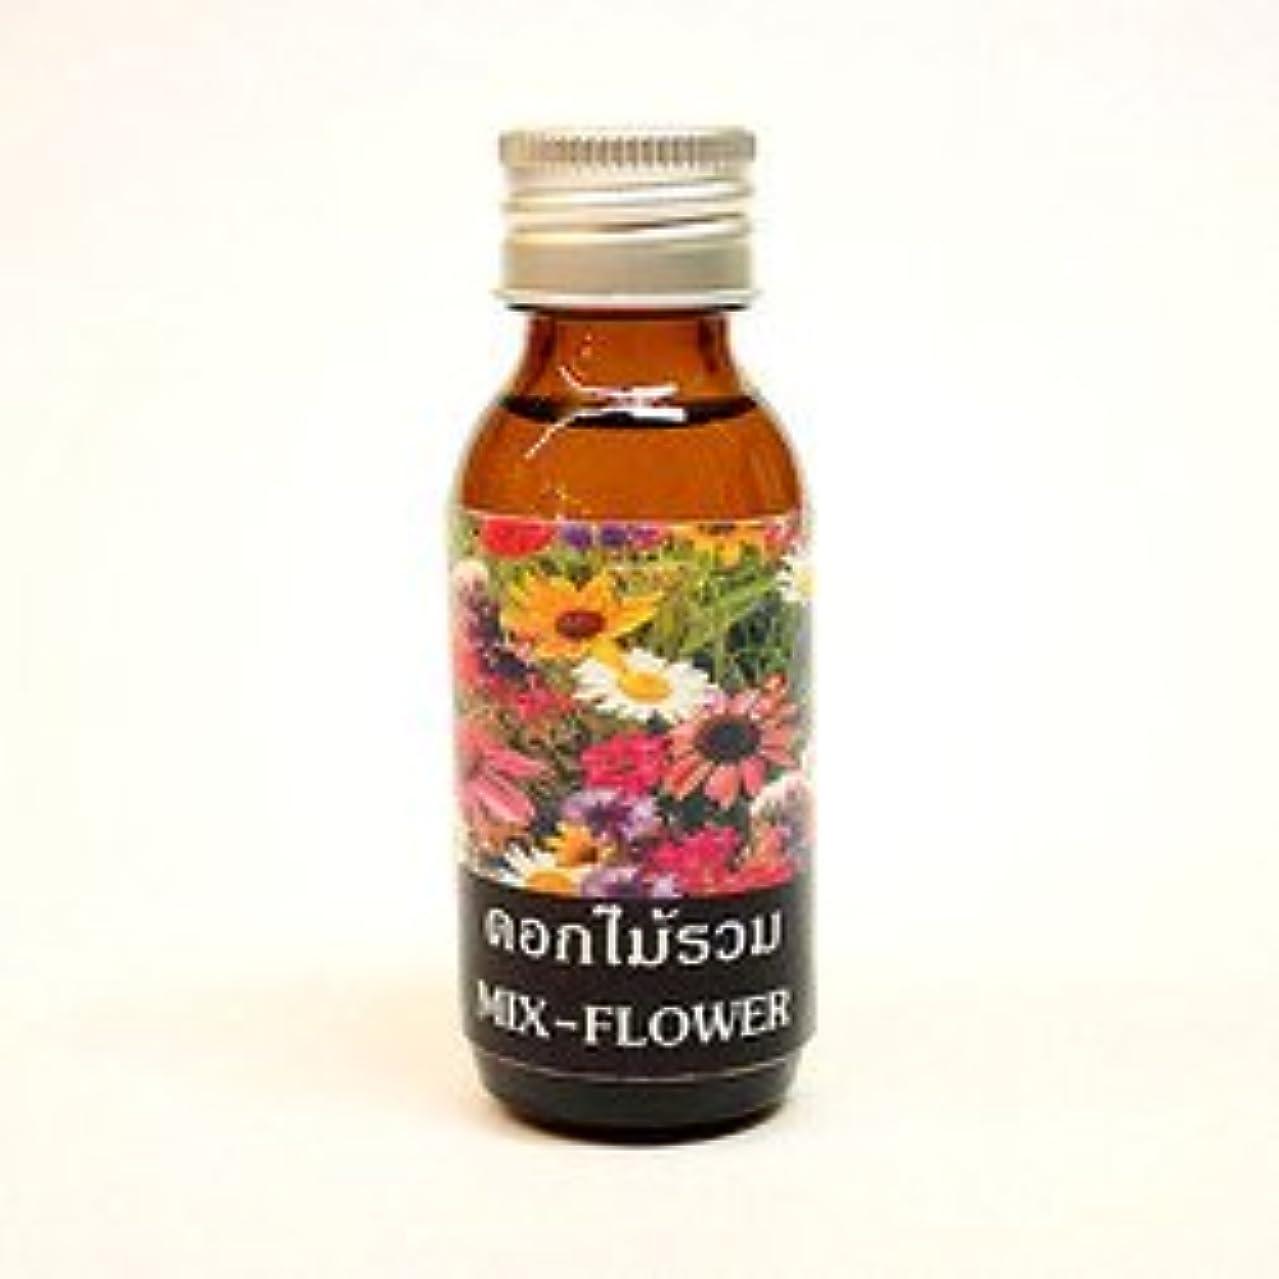 磁石敵ウルルミックスフラワー 〔Mix-Flower〕 アロマテラピーオイル 30ml アジアン雑貨